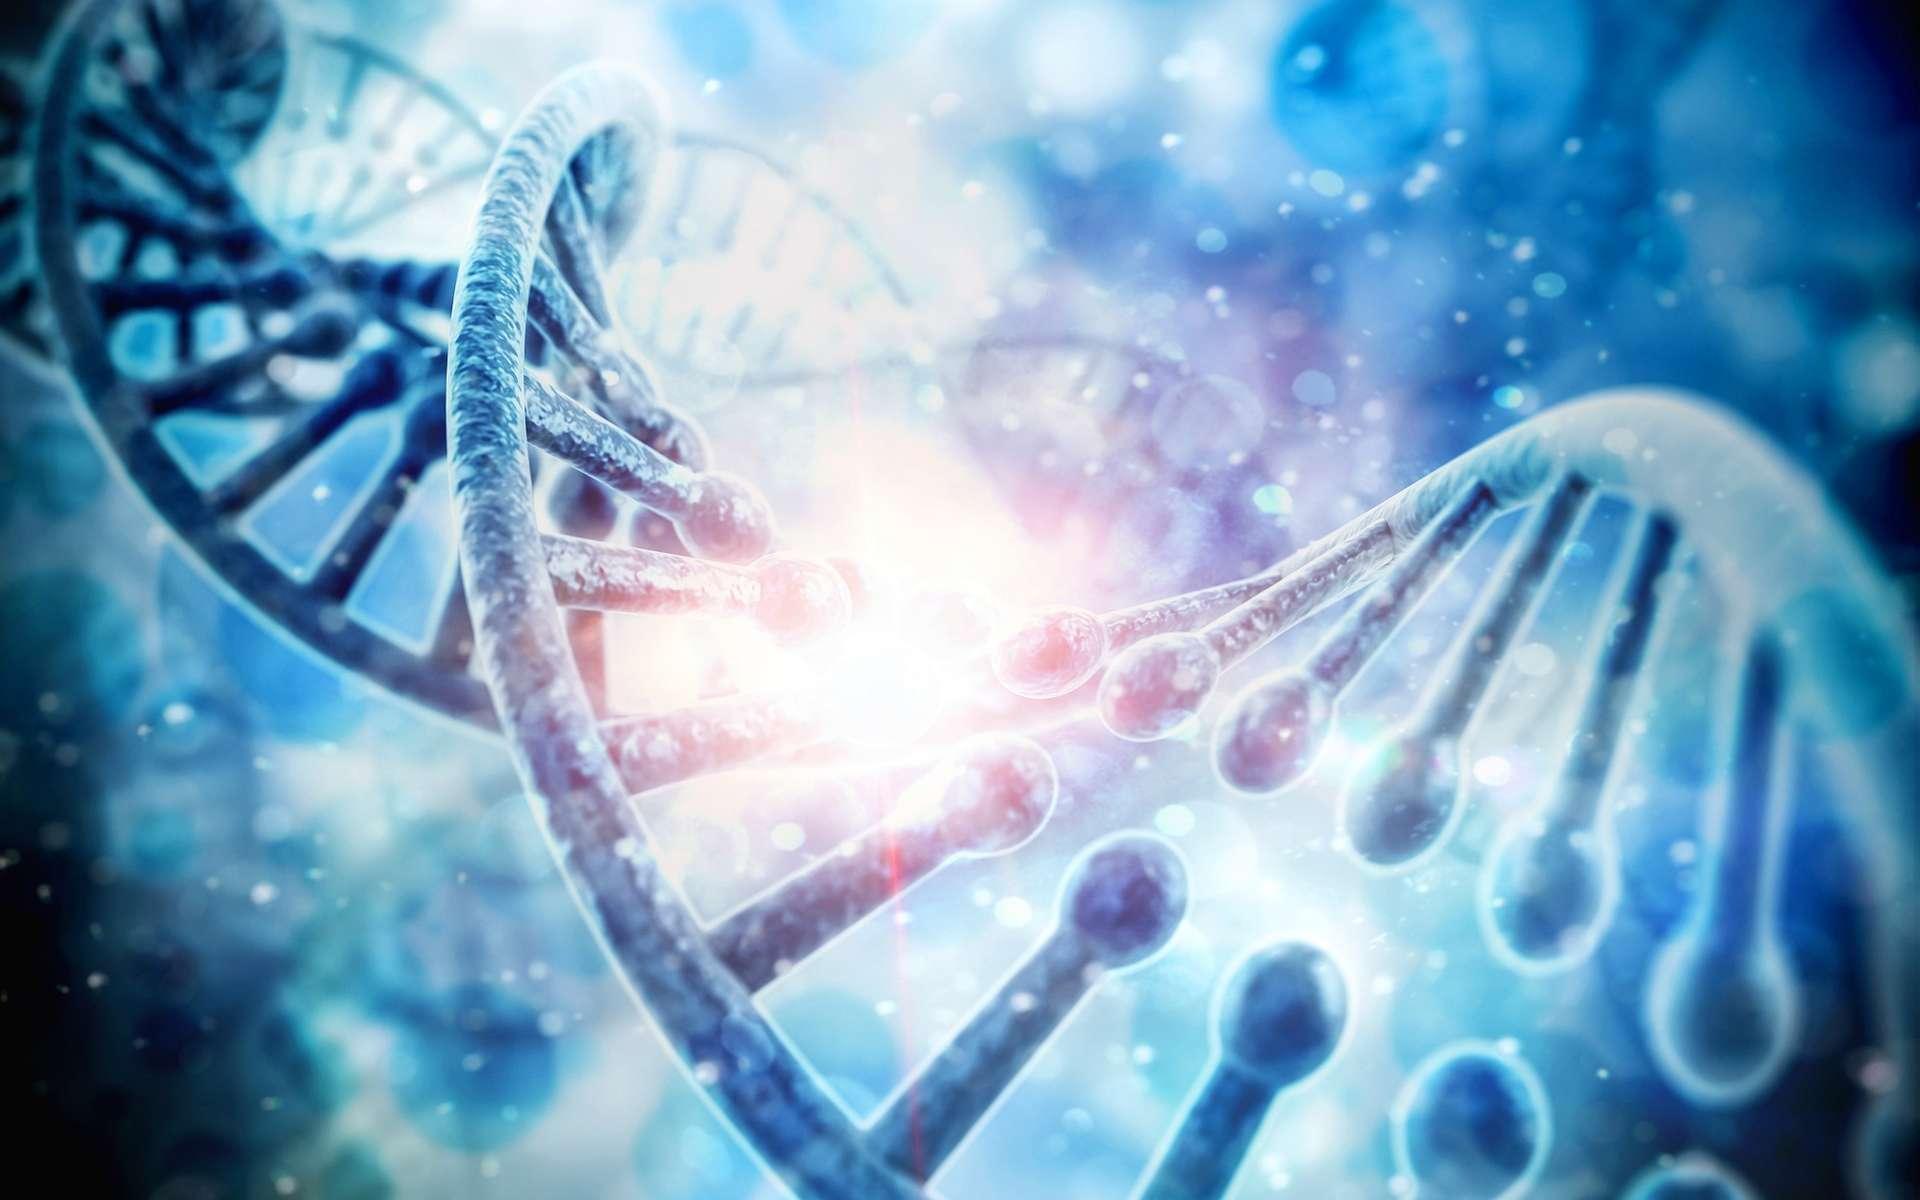 Les coûts et la rapidité du séquençage de l'ADN continuant à baisser, des mémoires à très haute densité capables de durer des centaines d'années pourraient servir à stocker de fantastiques quantités d'informations à destination des générations futures. © Digital Genetics, Shutterstock